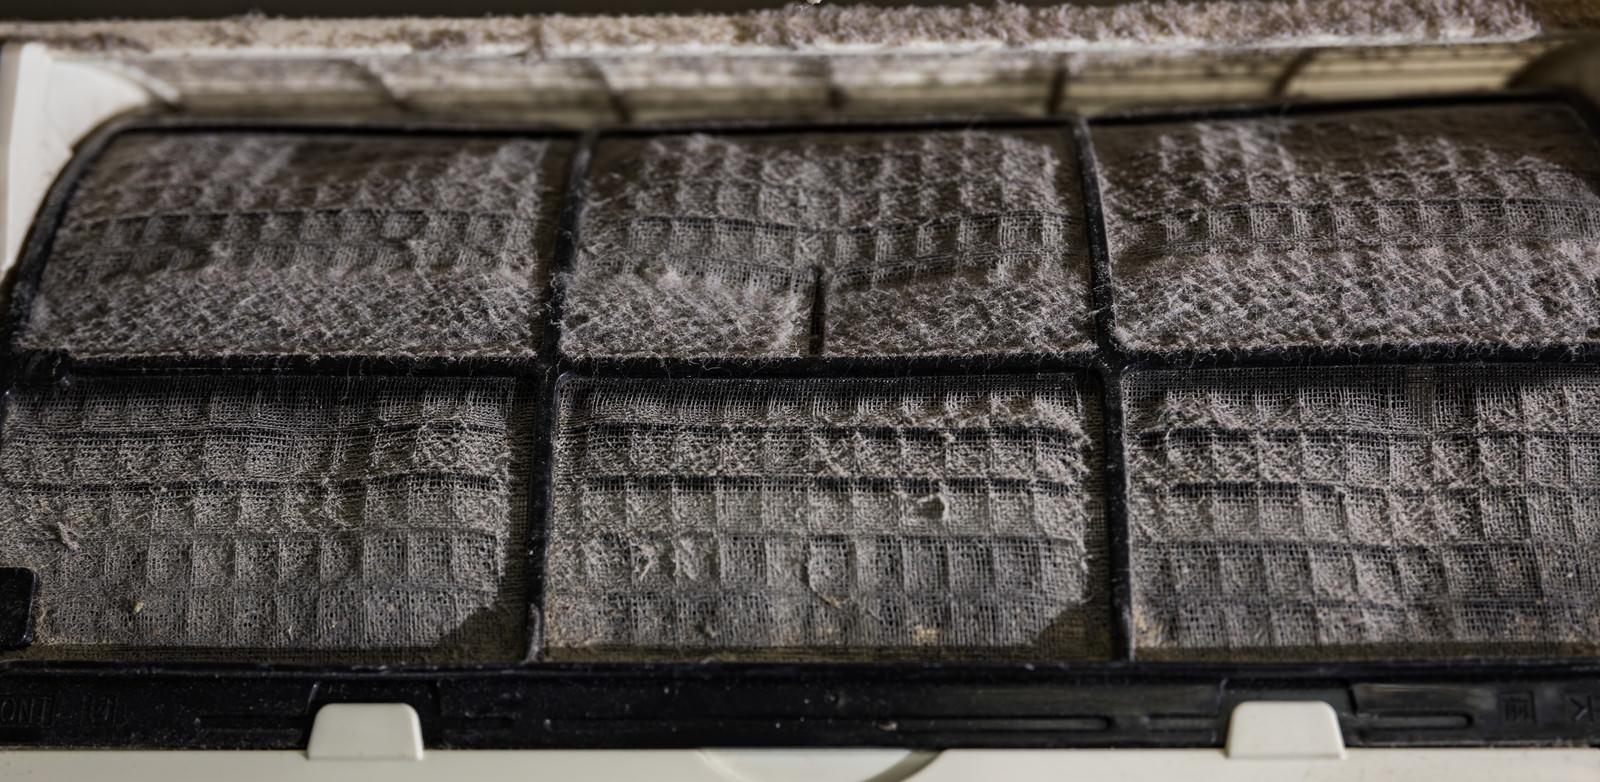 「ホコリが詰まったエアコンのフィルター」の写真